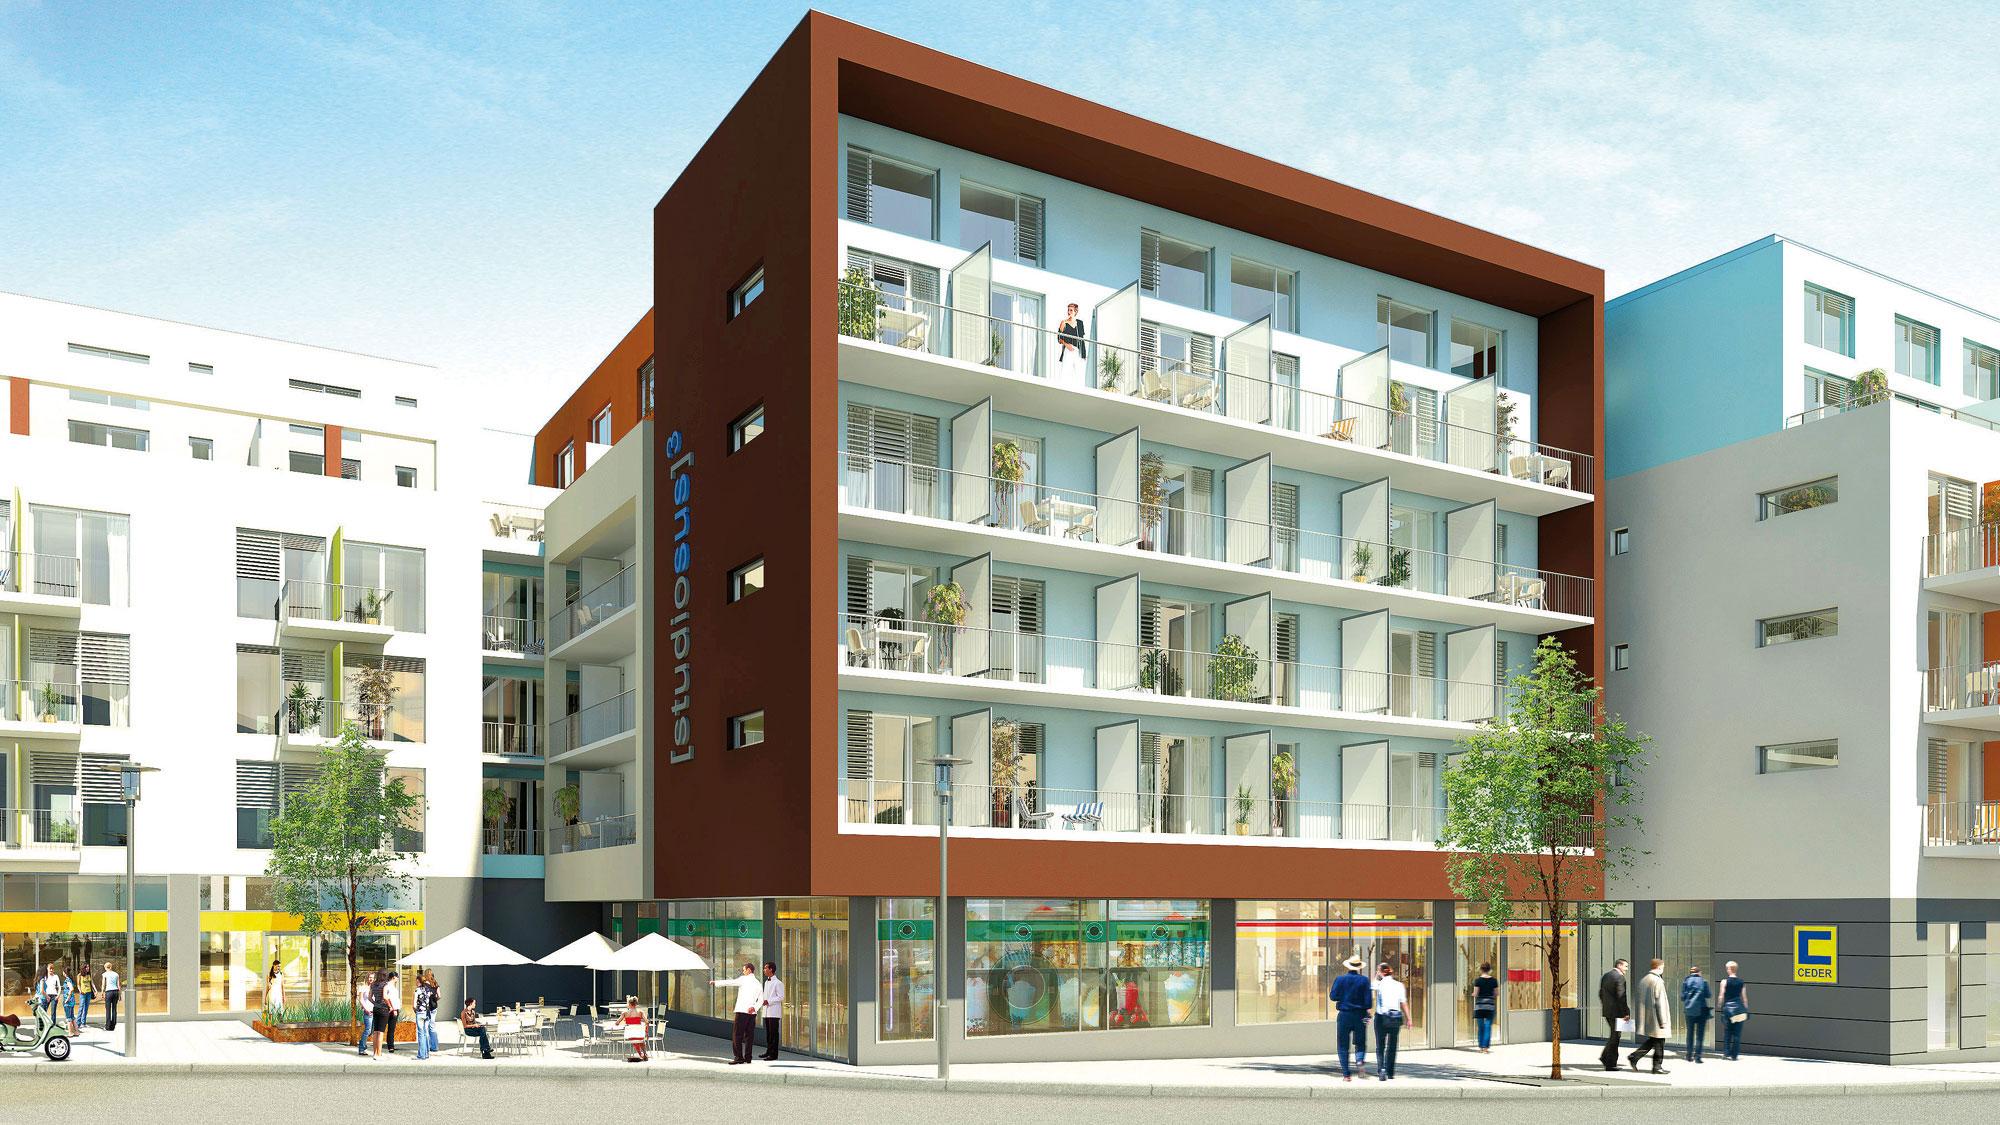 Neubauprojekt studiosus 3 - Außenansicht der Wohnanlage mit modernen Studentenwohnungen in München Moosach